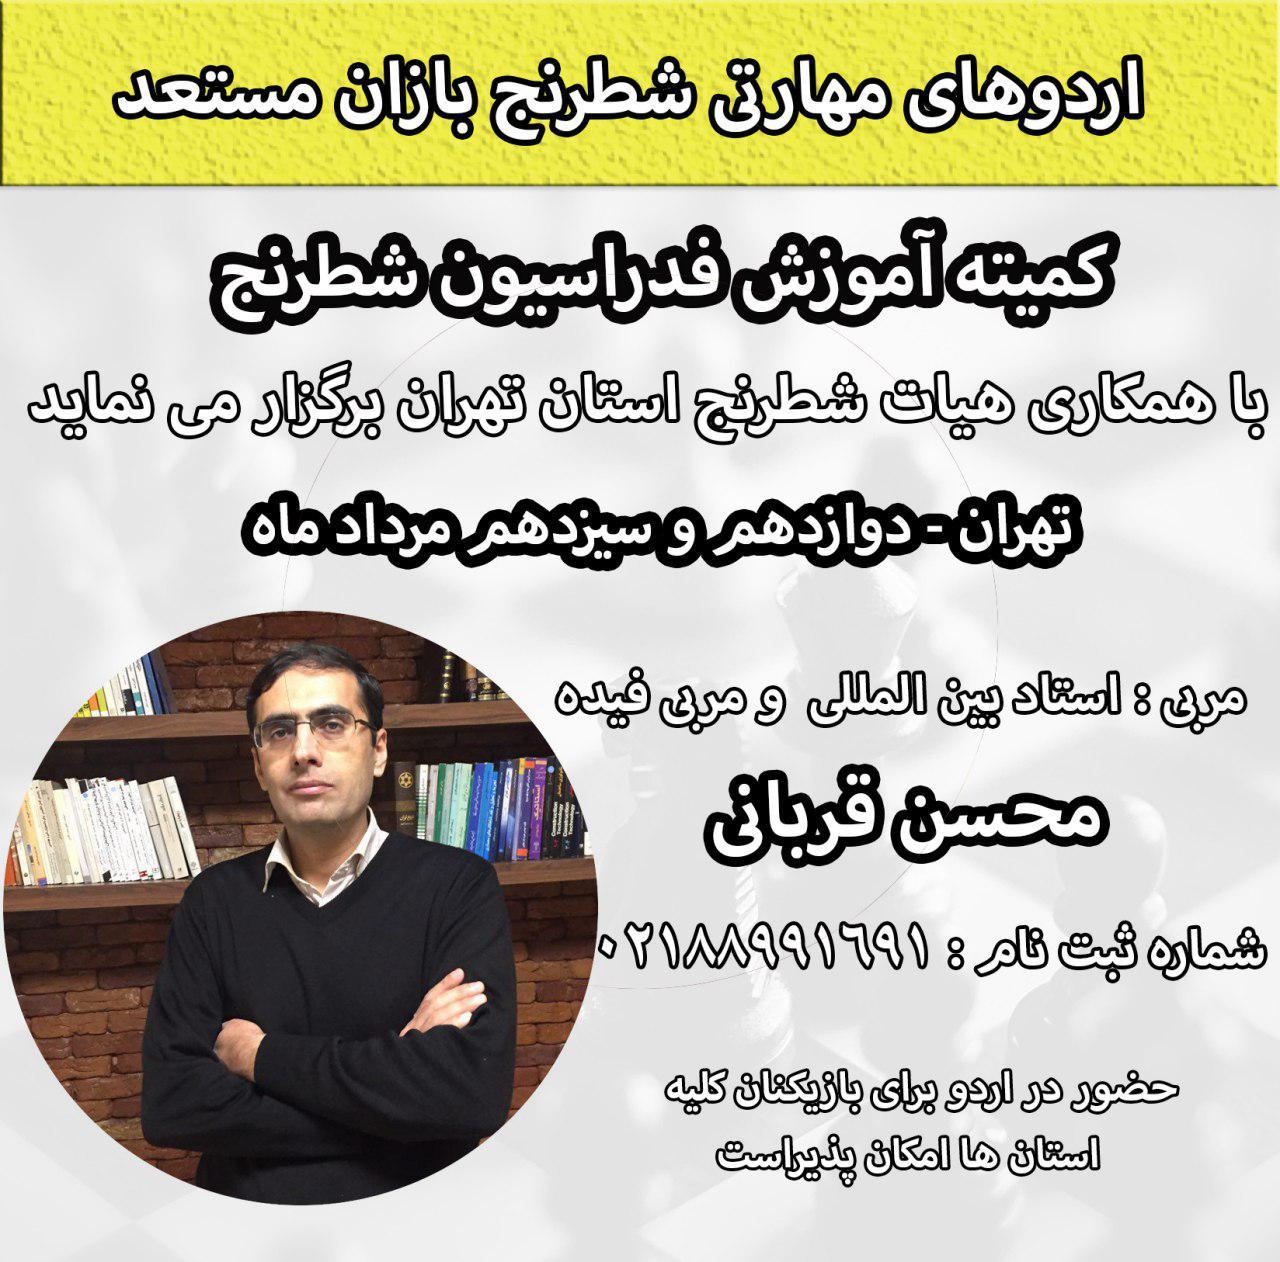 دوره آموزشی - استاد بین المللی محسن قربانی